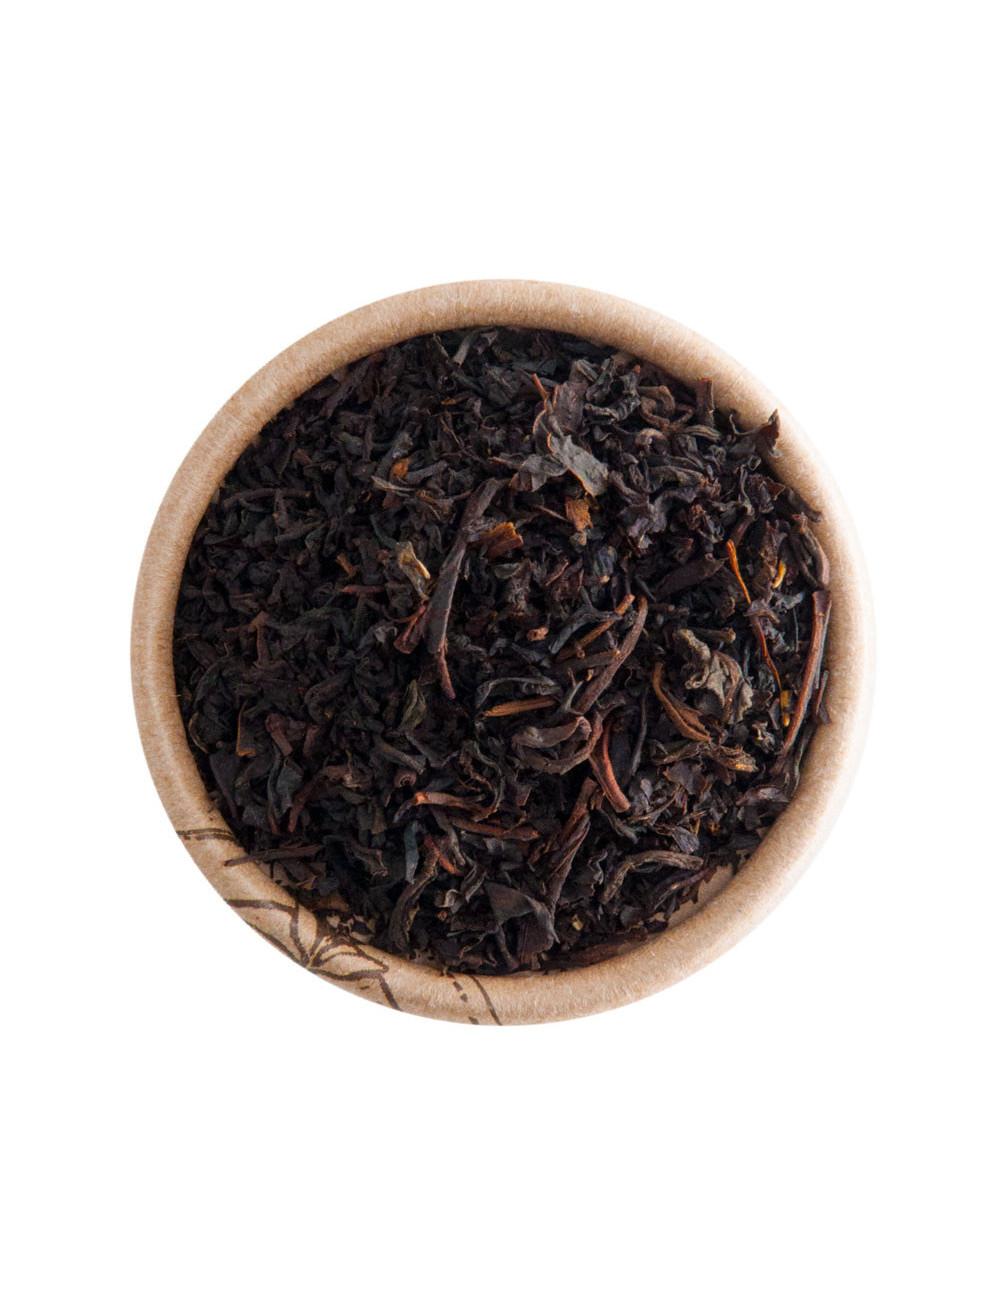 Hotel Sacher tè nero aromatizzato - La Pianta del Tè shop online